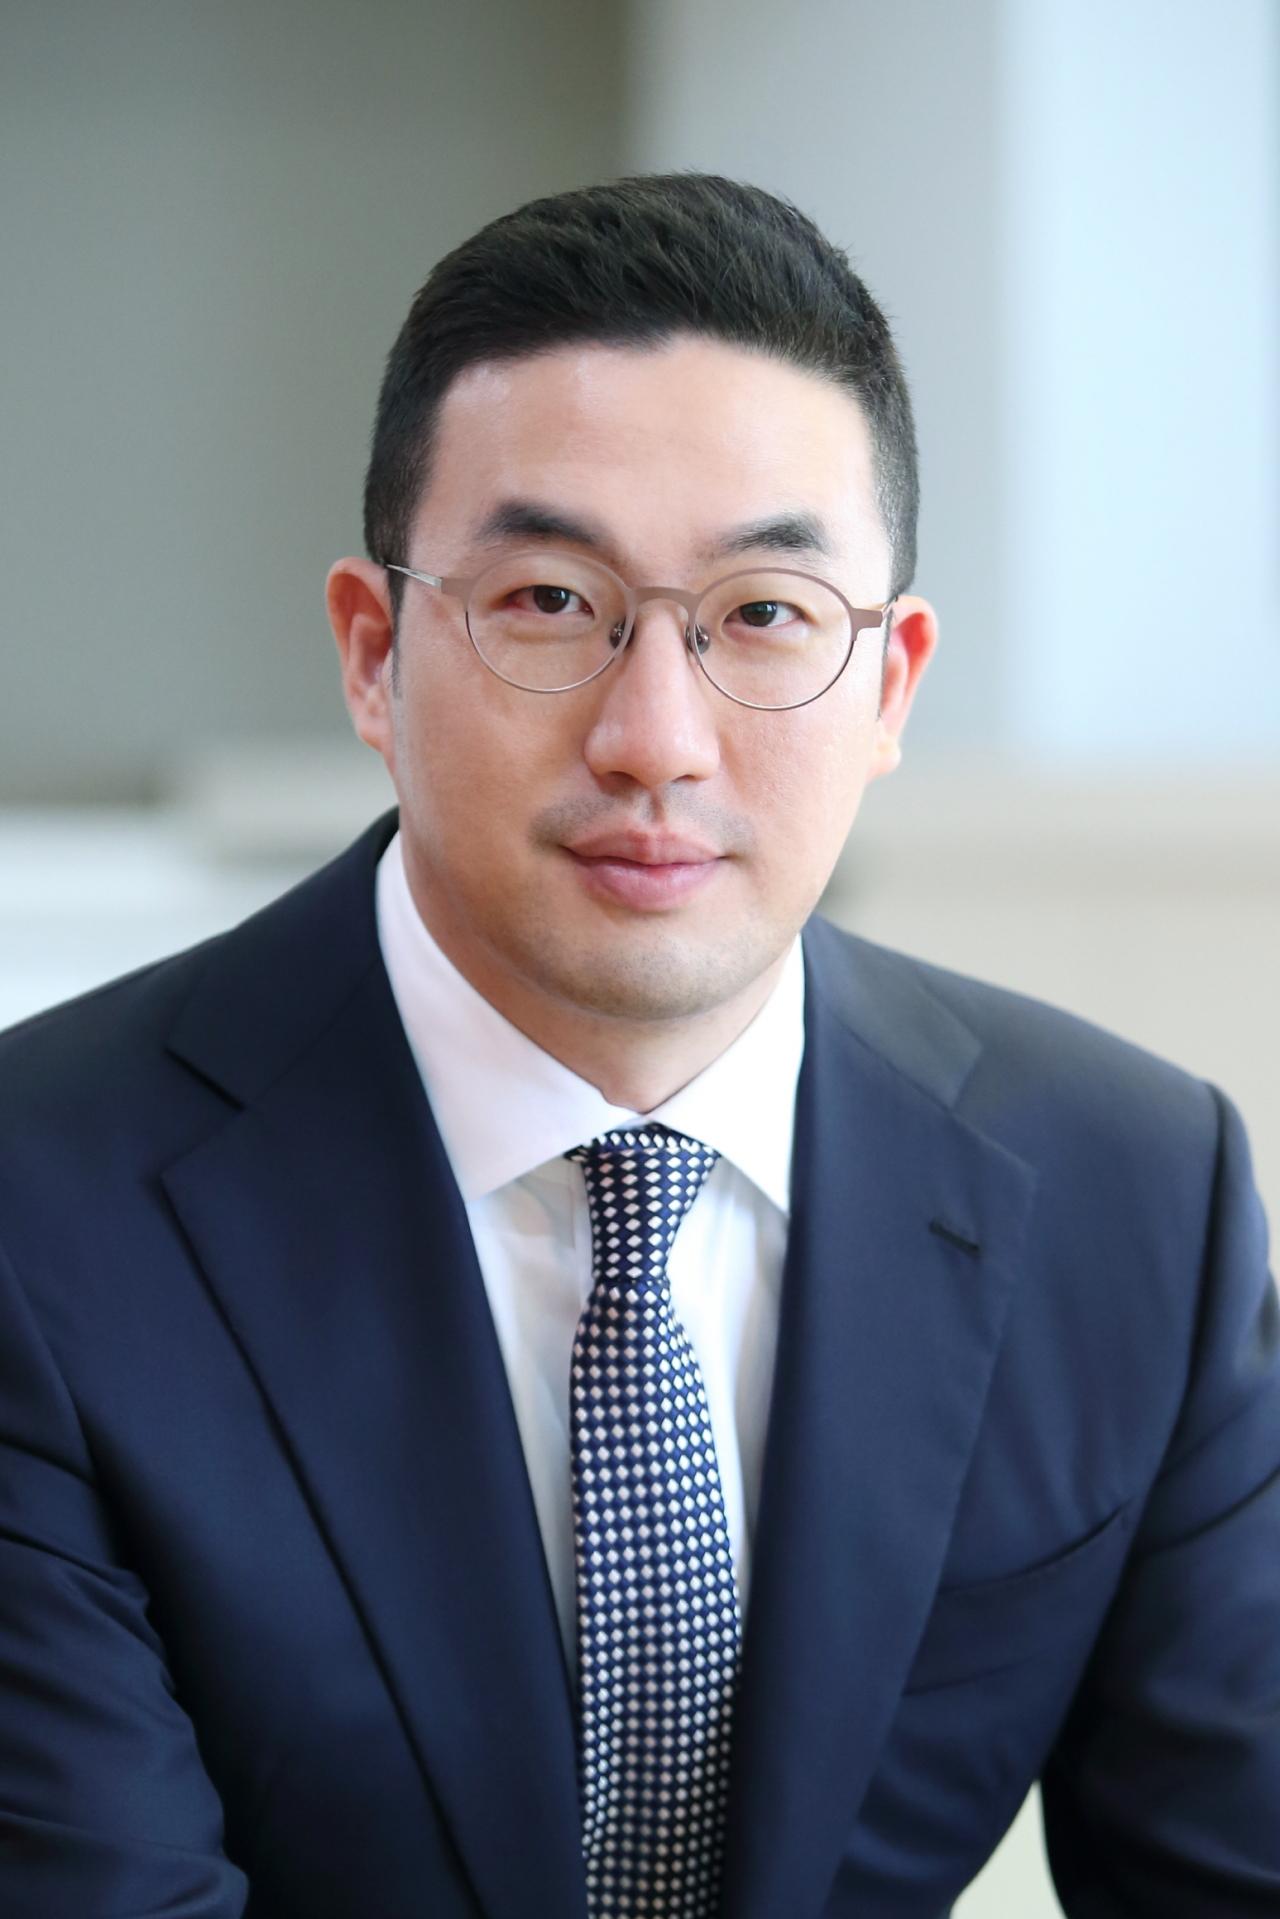 Koo Kwang-mo (LG Corp.)